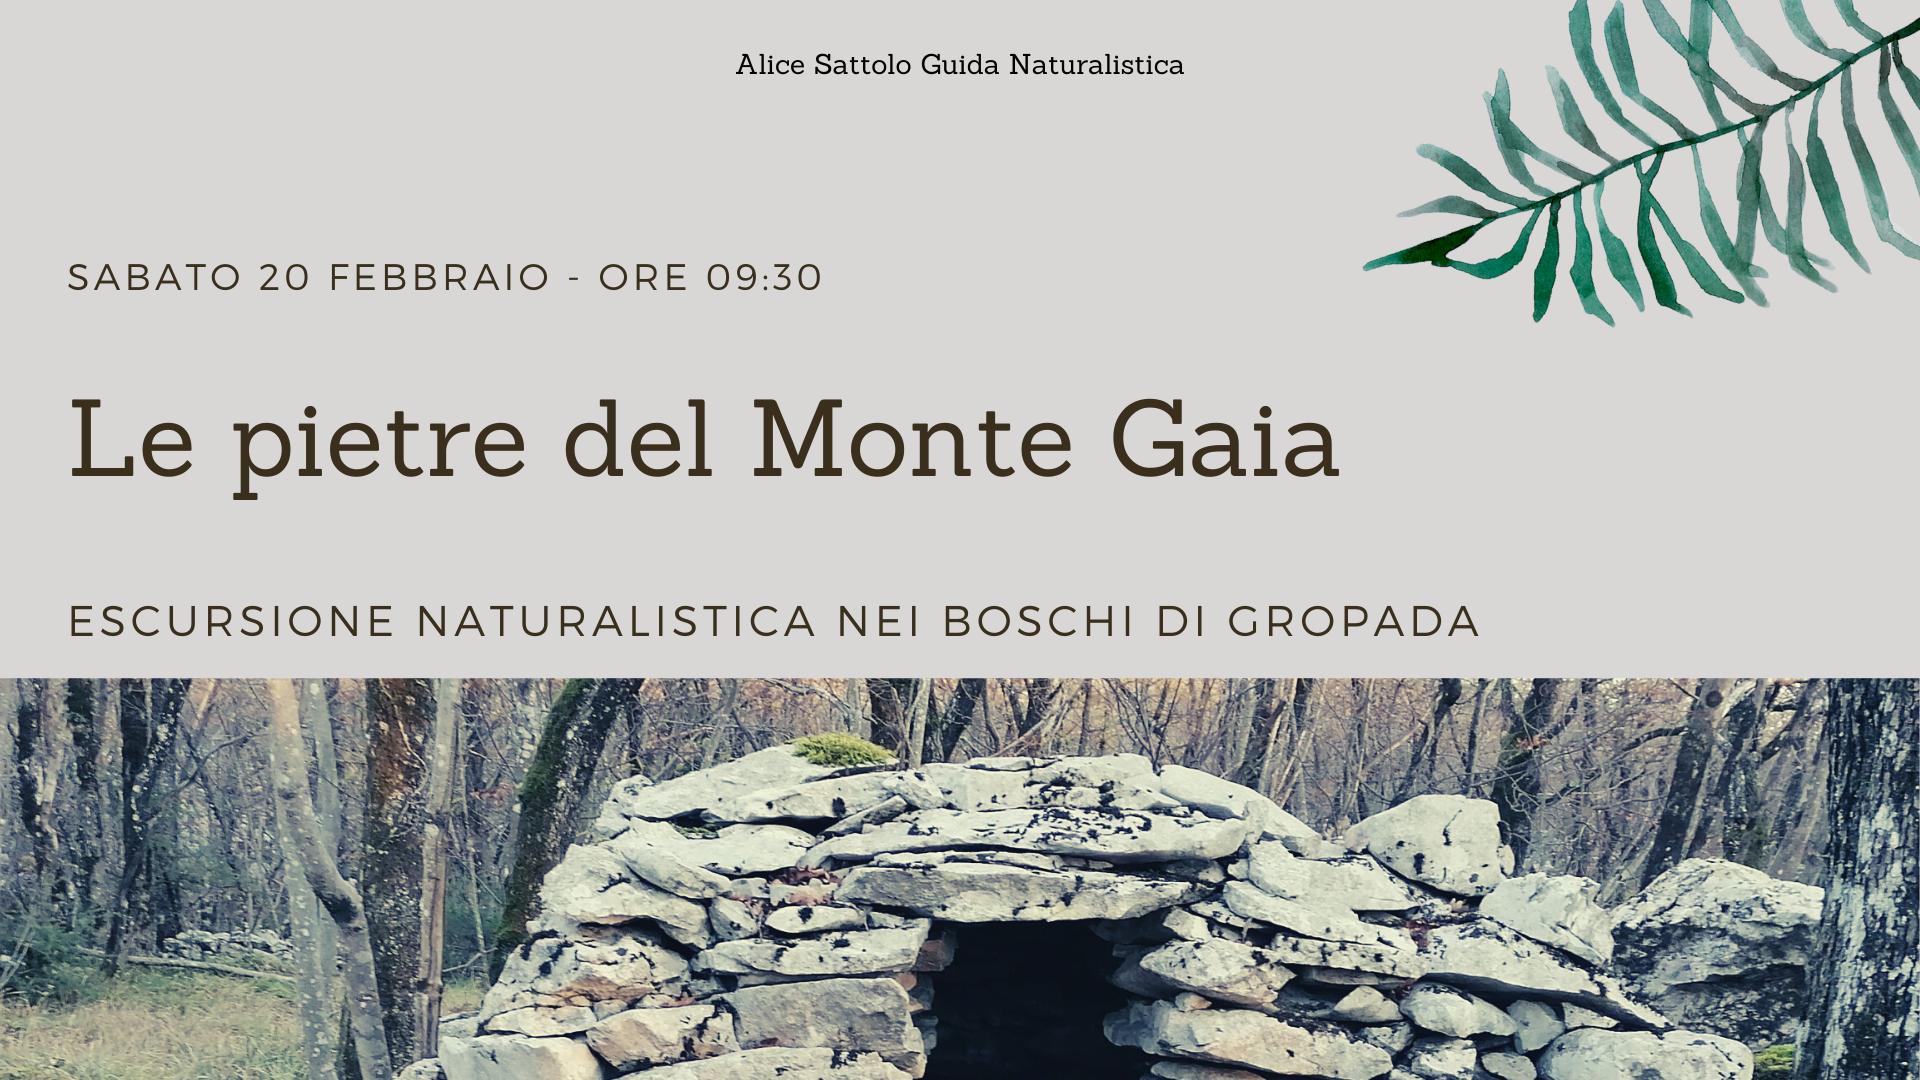 Le pietre del Monte Gaia – Escursione Naturalistica nei boschi di Gropada